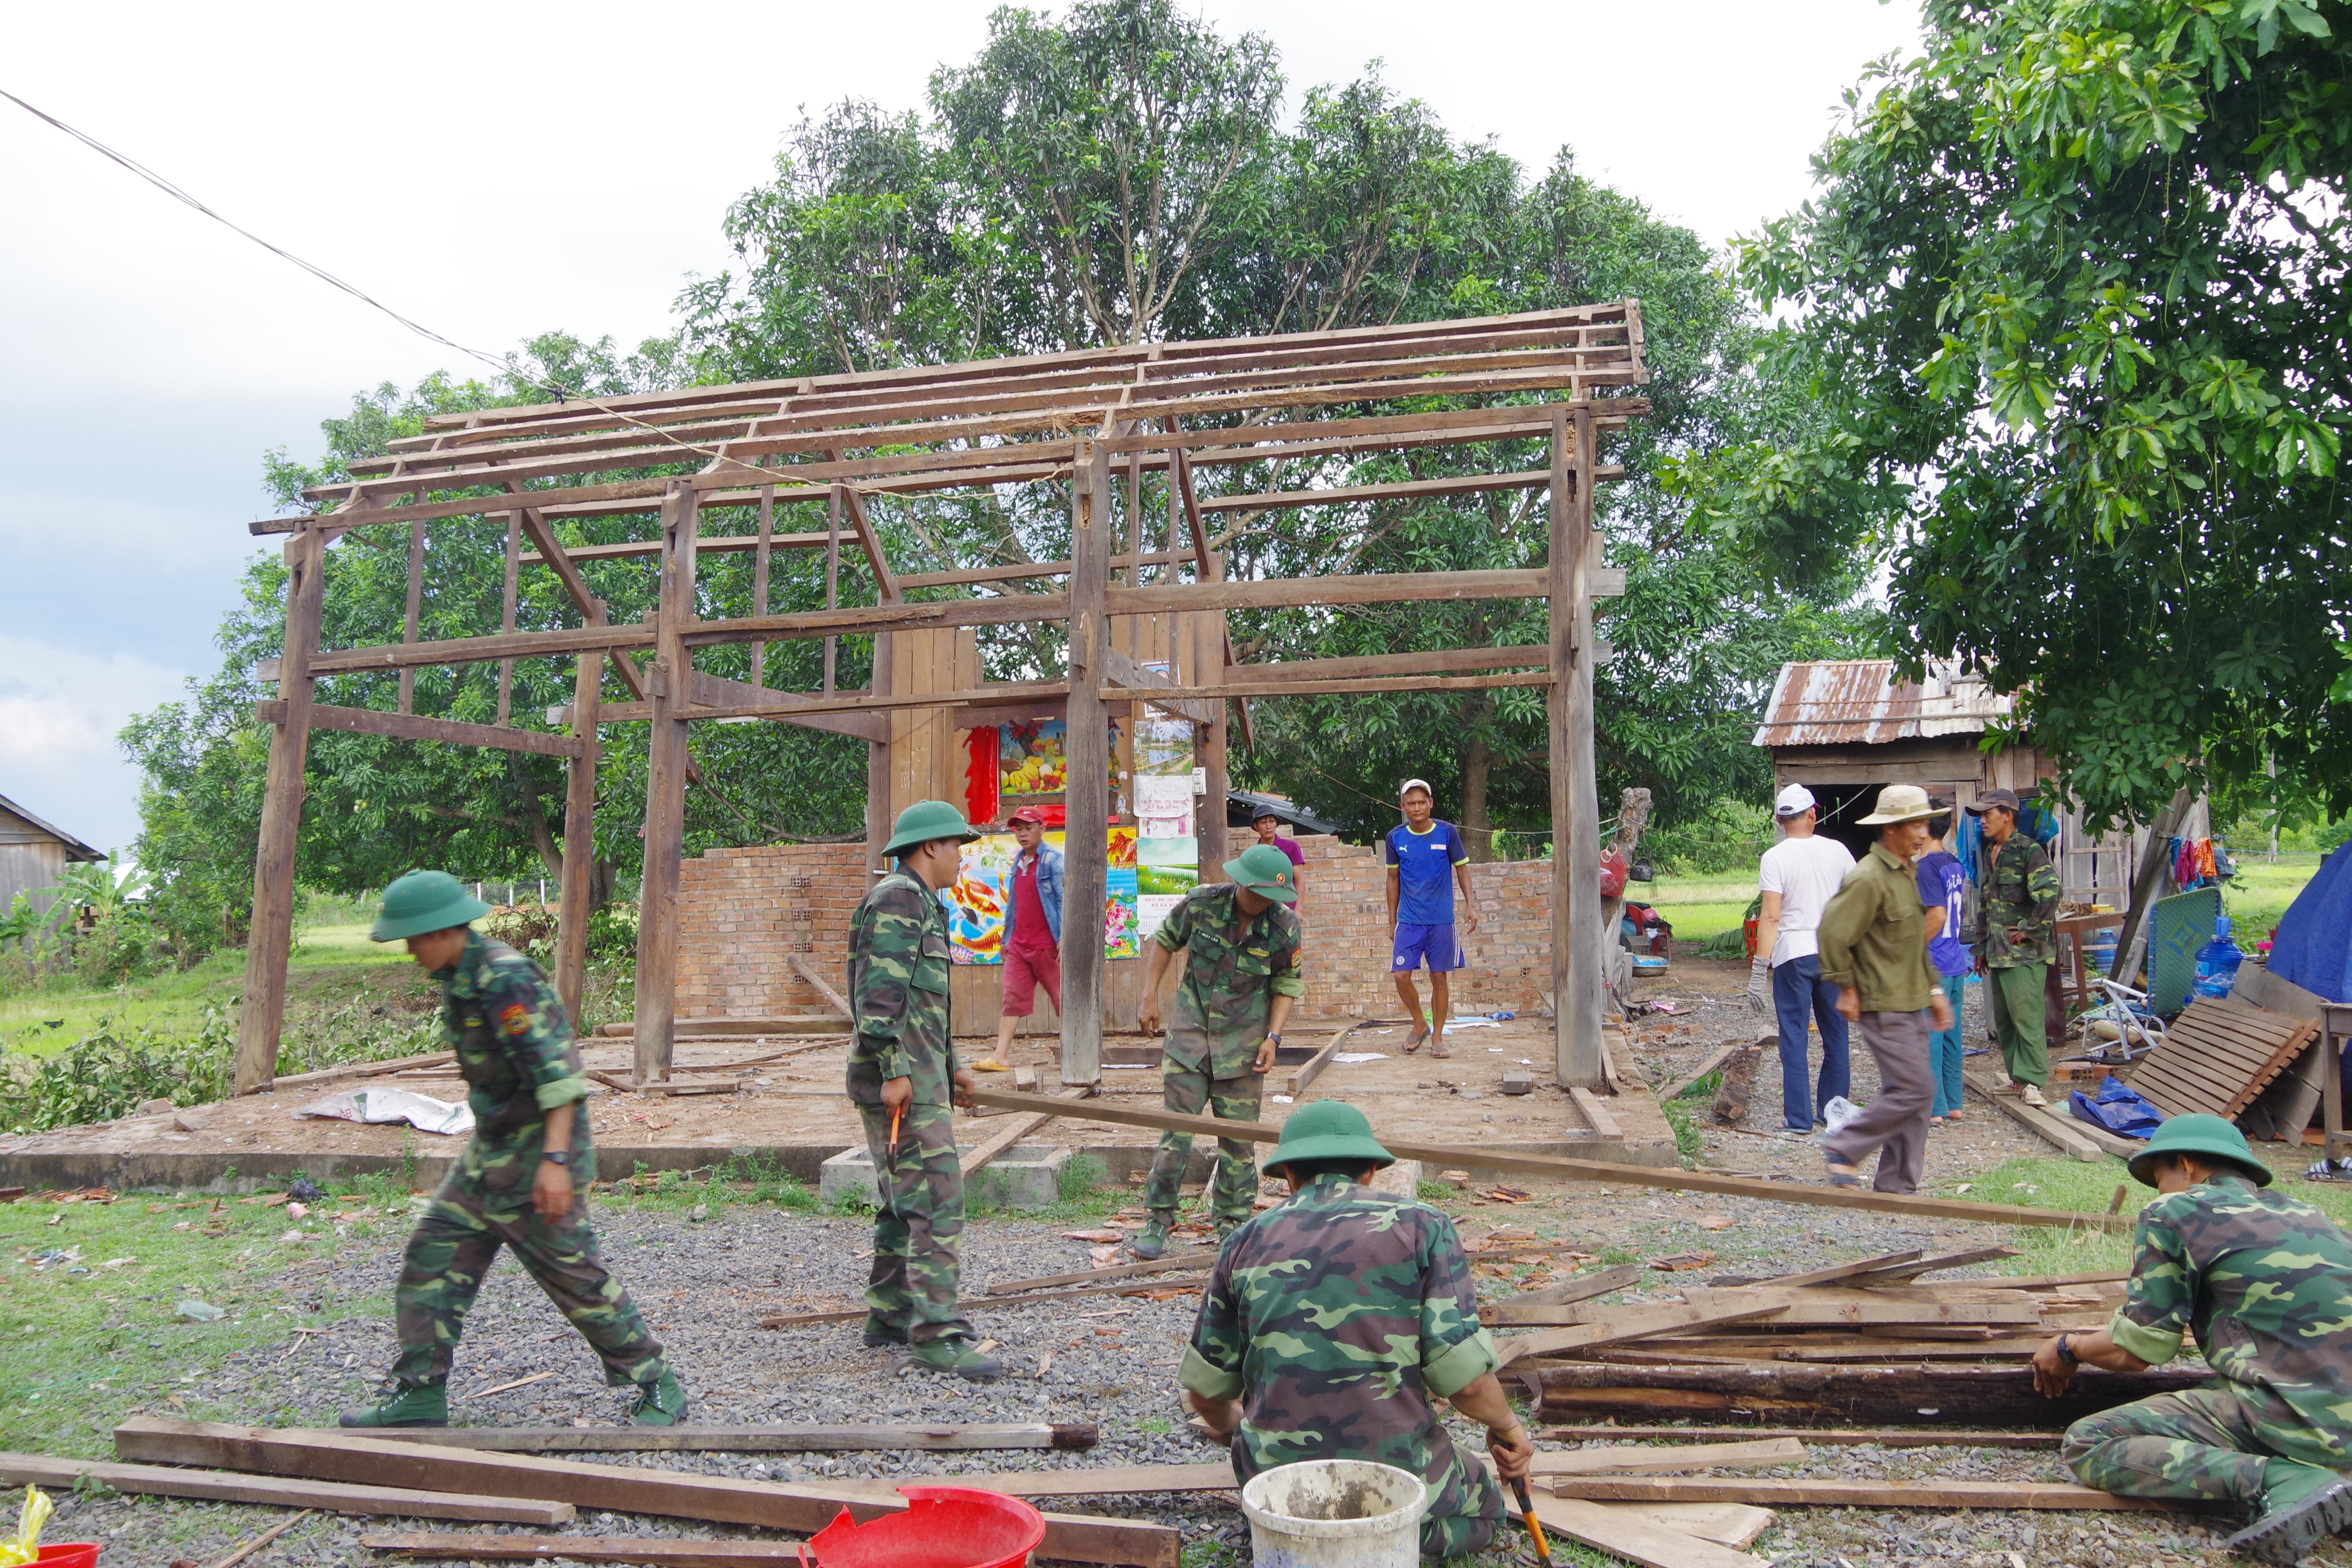 Huyện Ea Súp, tỉnh Đắk Lắk: Lốc xoáy tiếp tục diễn ra